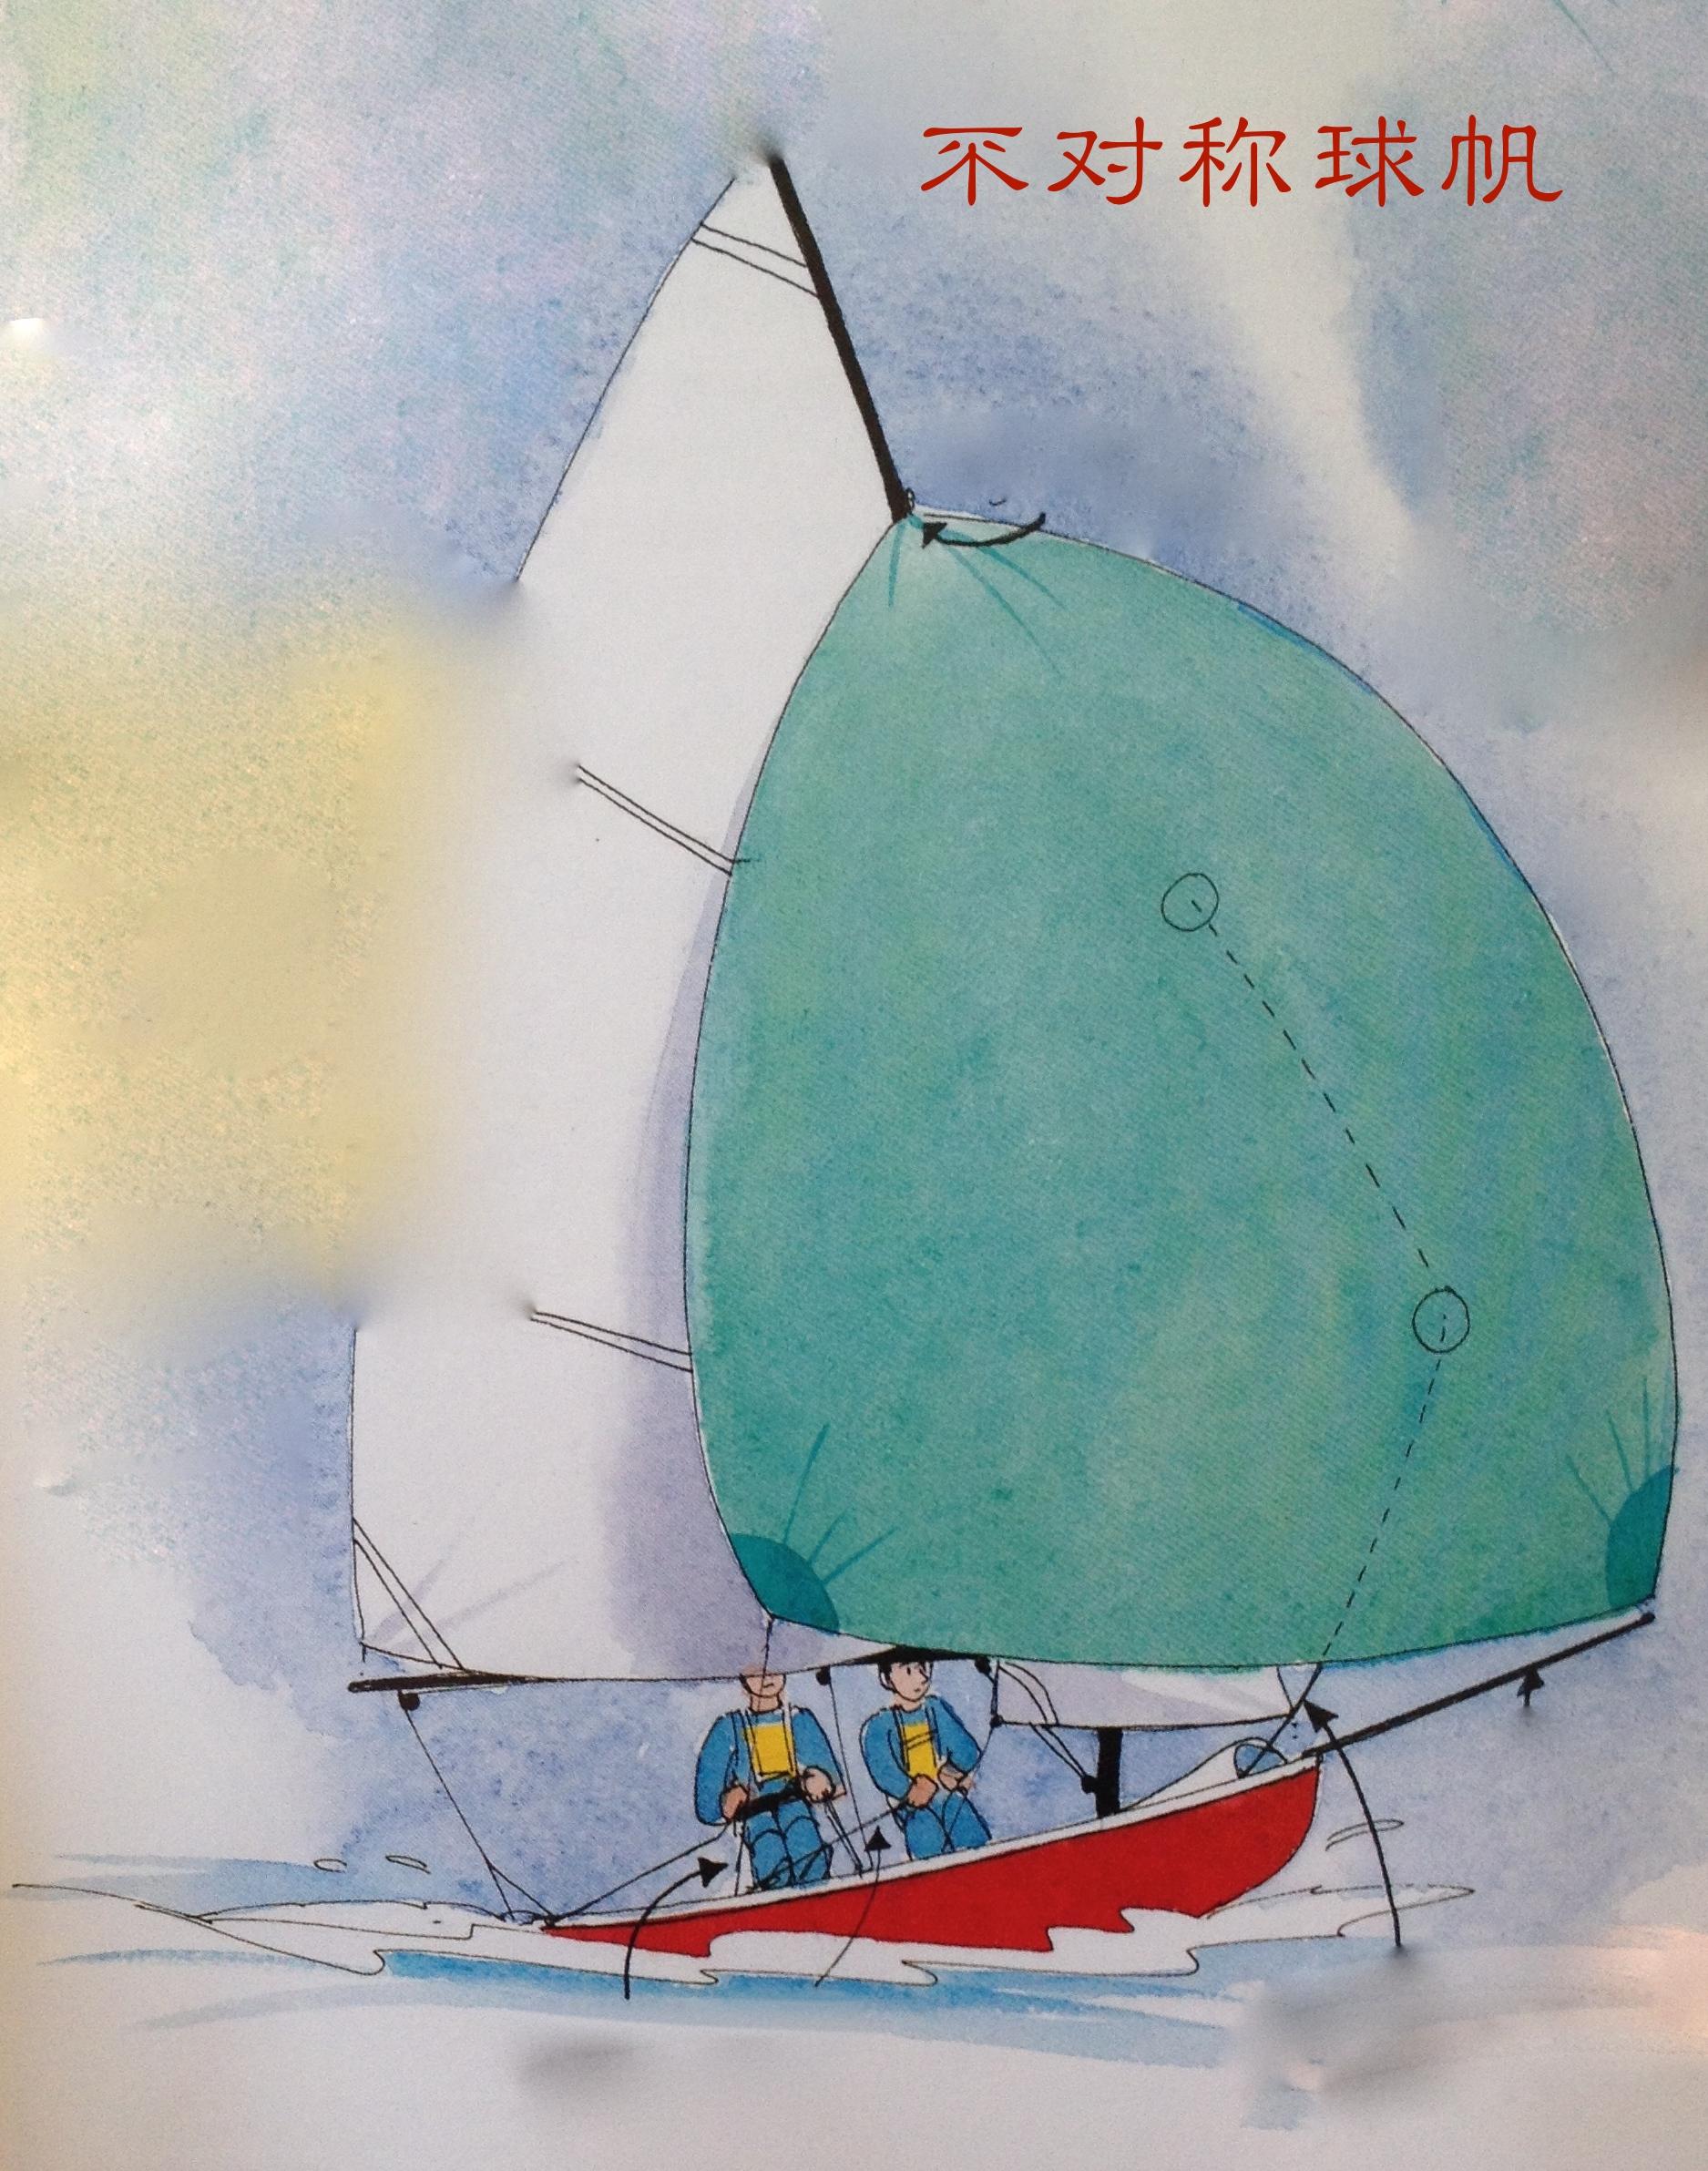 球帆分为两种:1、不对称球帆 2、对称球帆。 50a球帆介绍.jpg